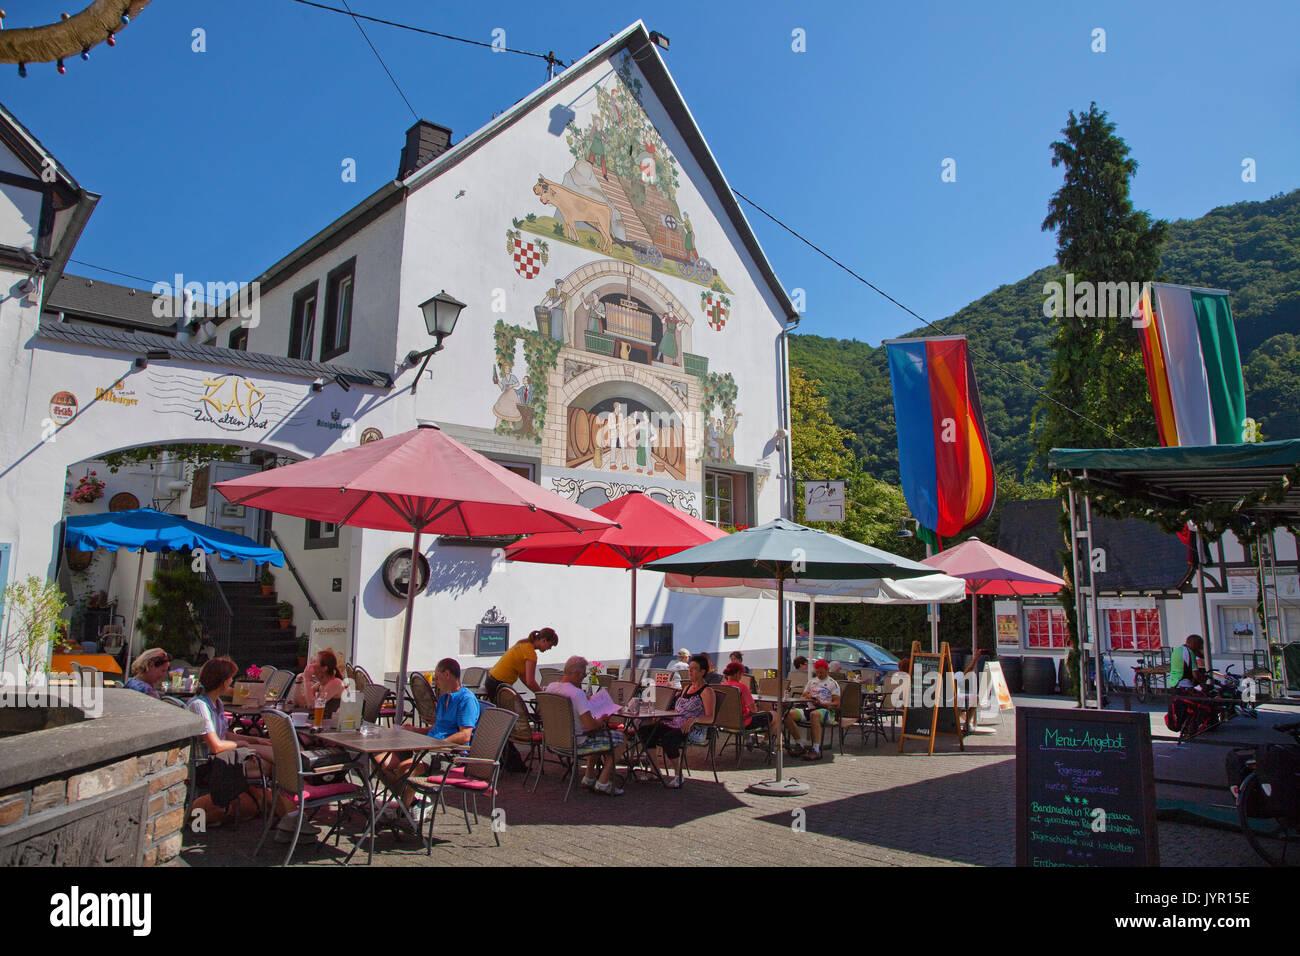 Aussengastronomie am Weinhexbrunnen, Weinort Winningen, Untermosel, Landkreis Mayen-Koblenz, Rheinland-Pfalz, Deutschland, Europa | Outside gastronomy - Stock Image